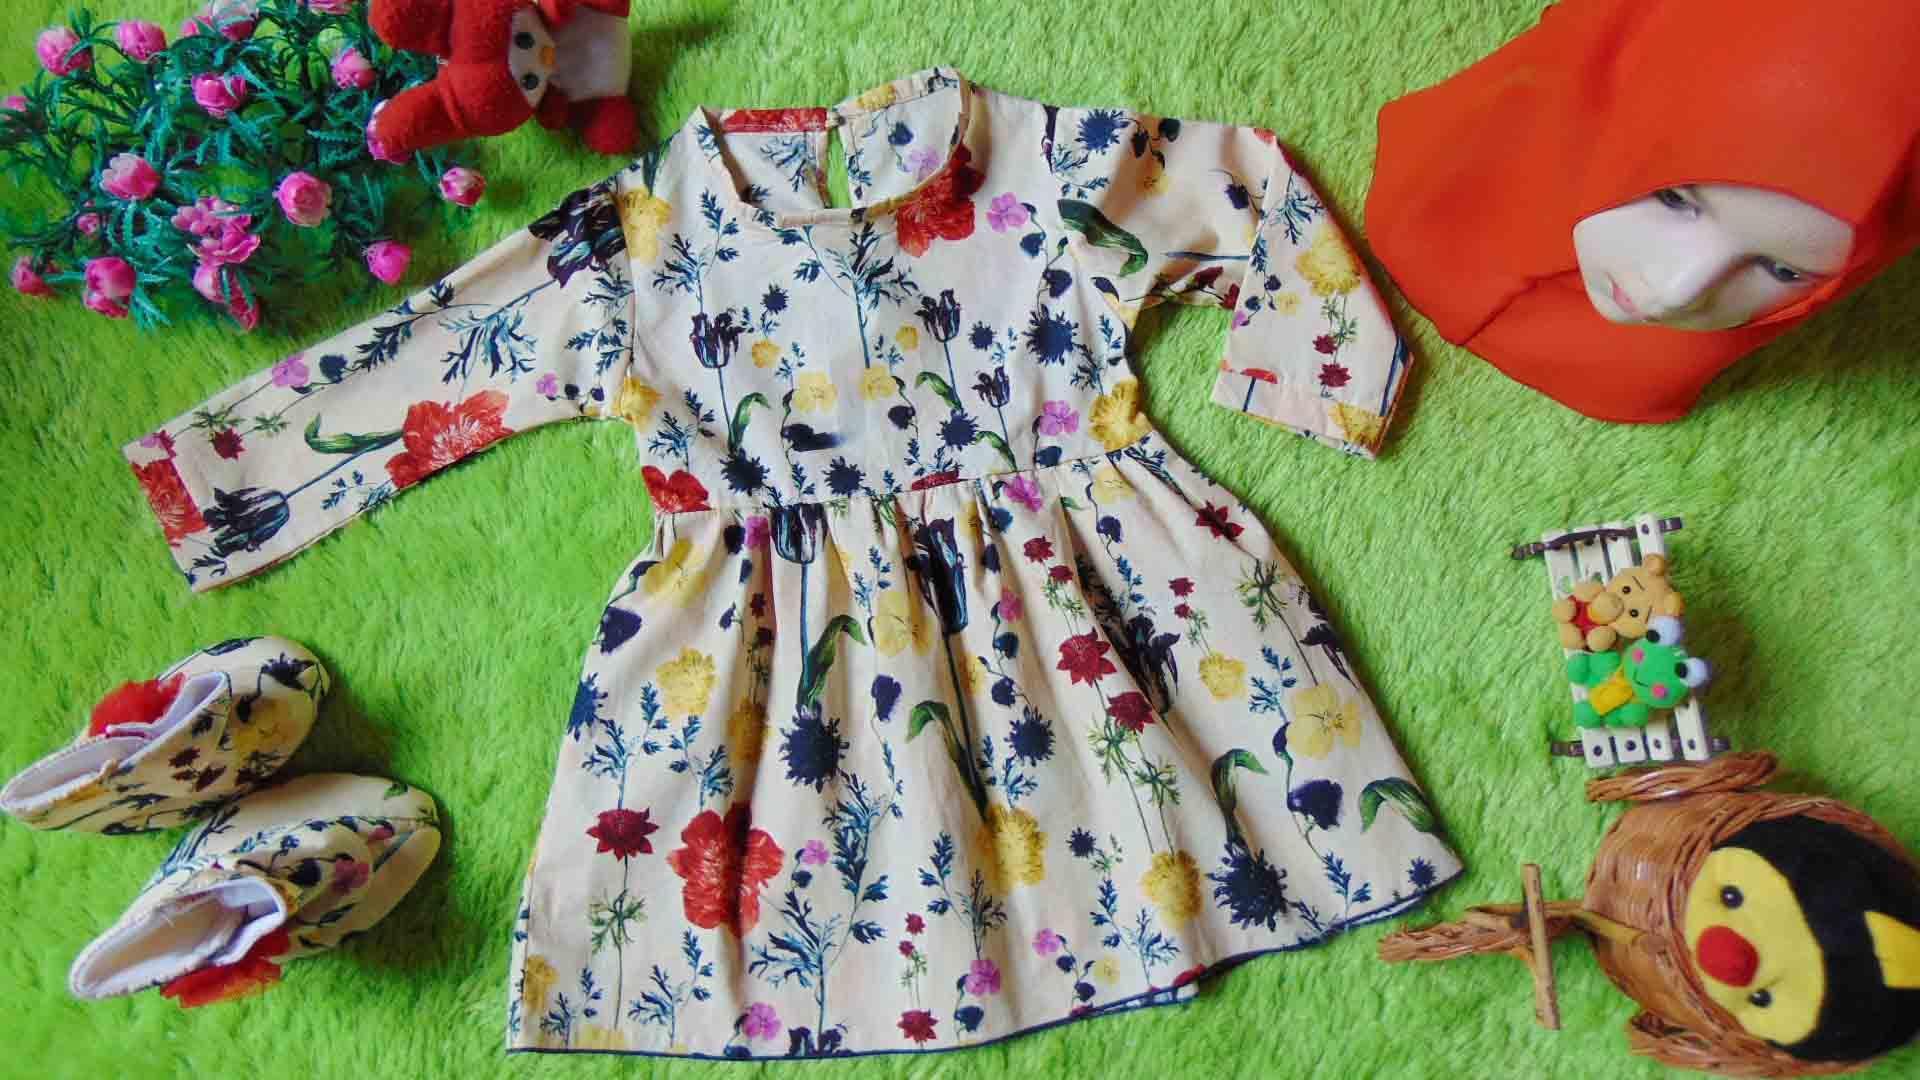 kembarshop - EKSKLUSIF Paket Baju Muslim Gamis Bayi plus Jilbab Hijab dan Sepatu Boots Anak Bayi Perempuan City Flowers Cantik 0-12 bulan